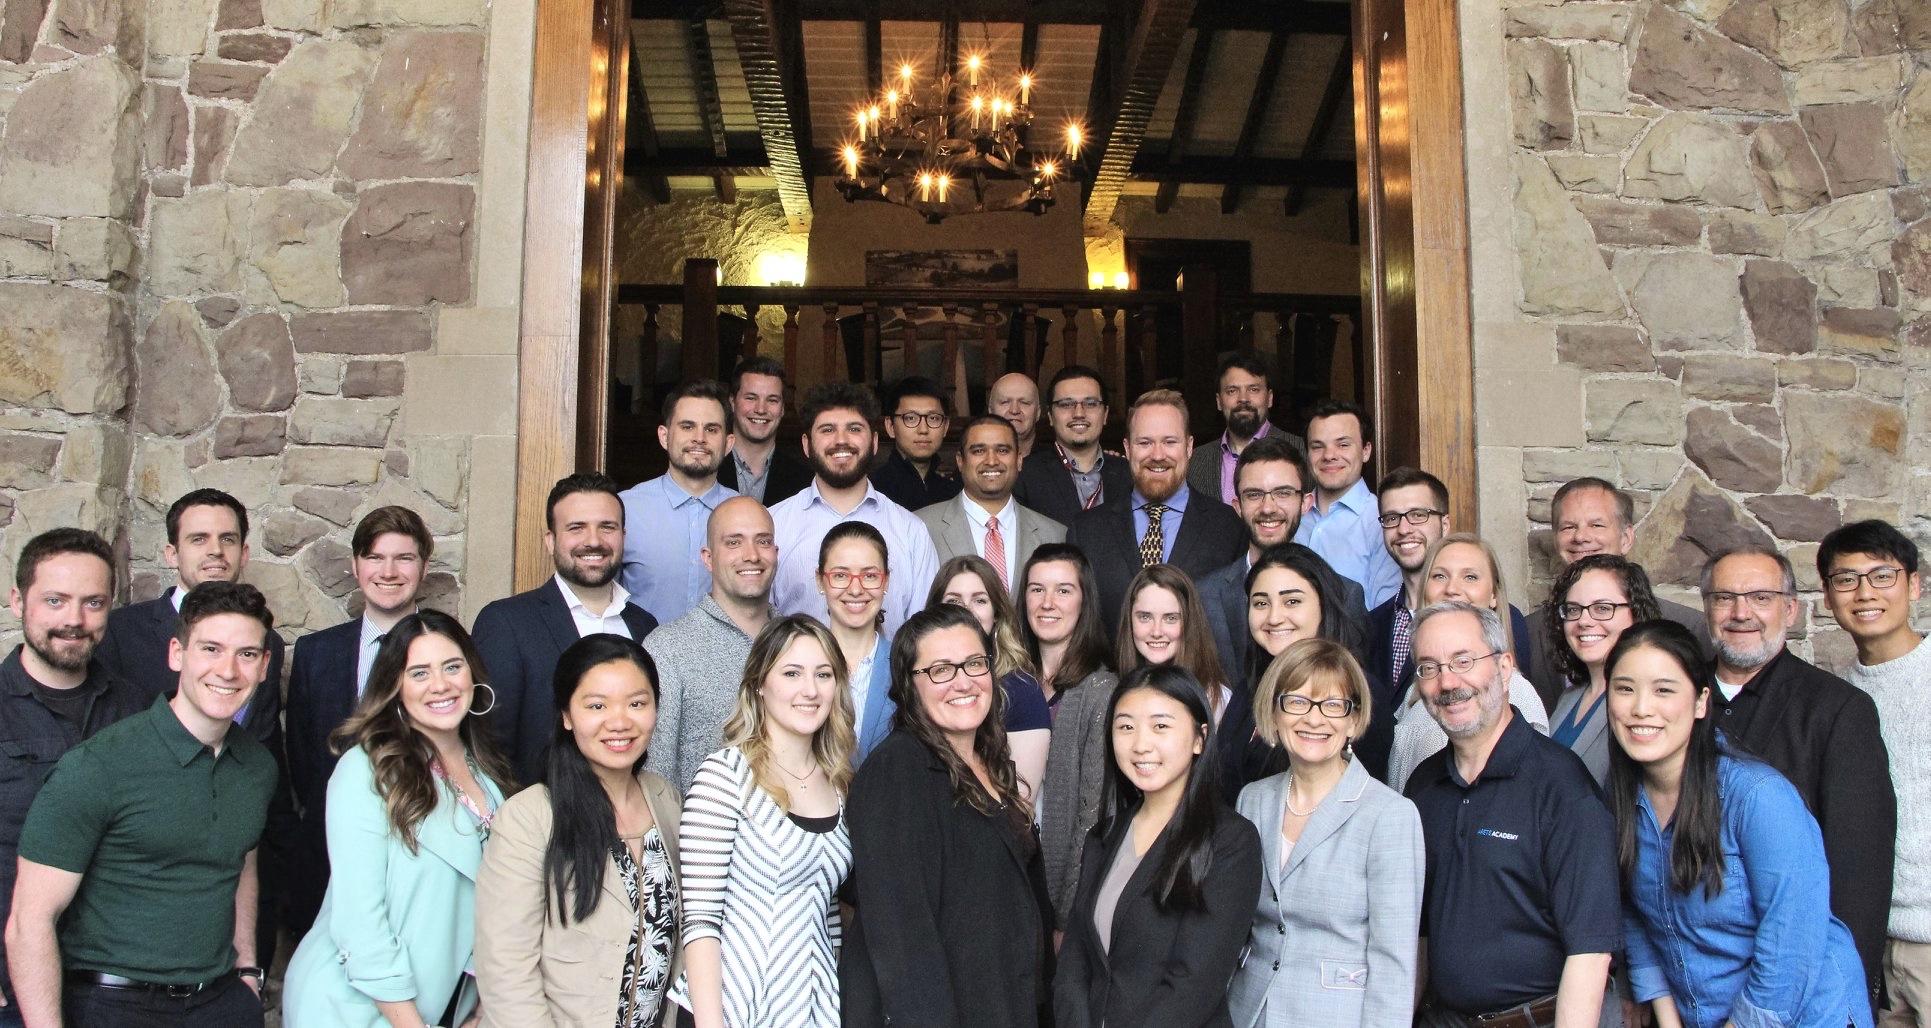 Christian Legal Institute, Class of 2018